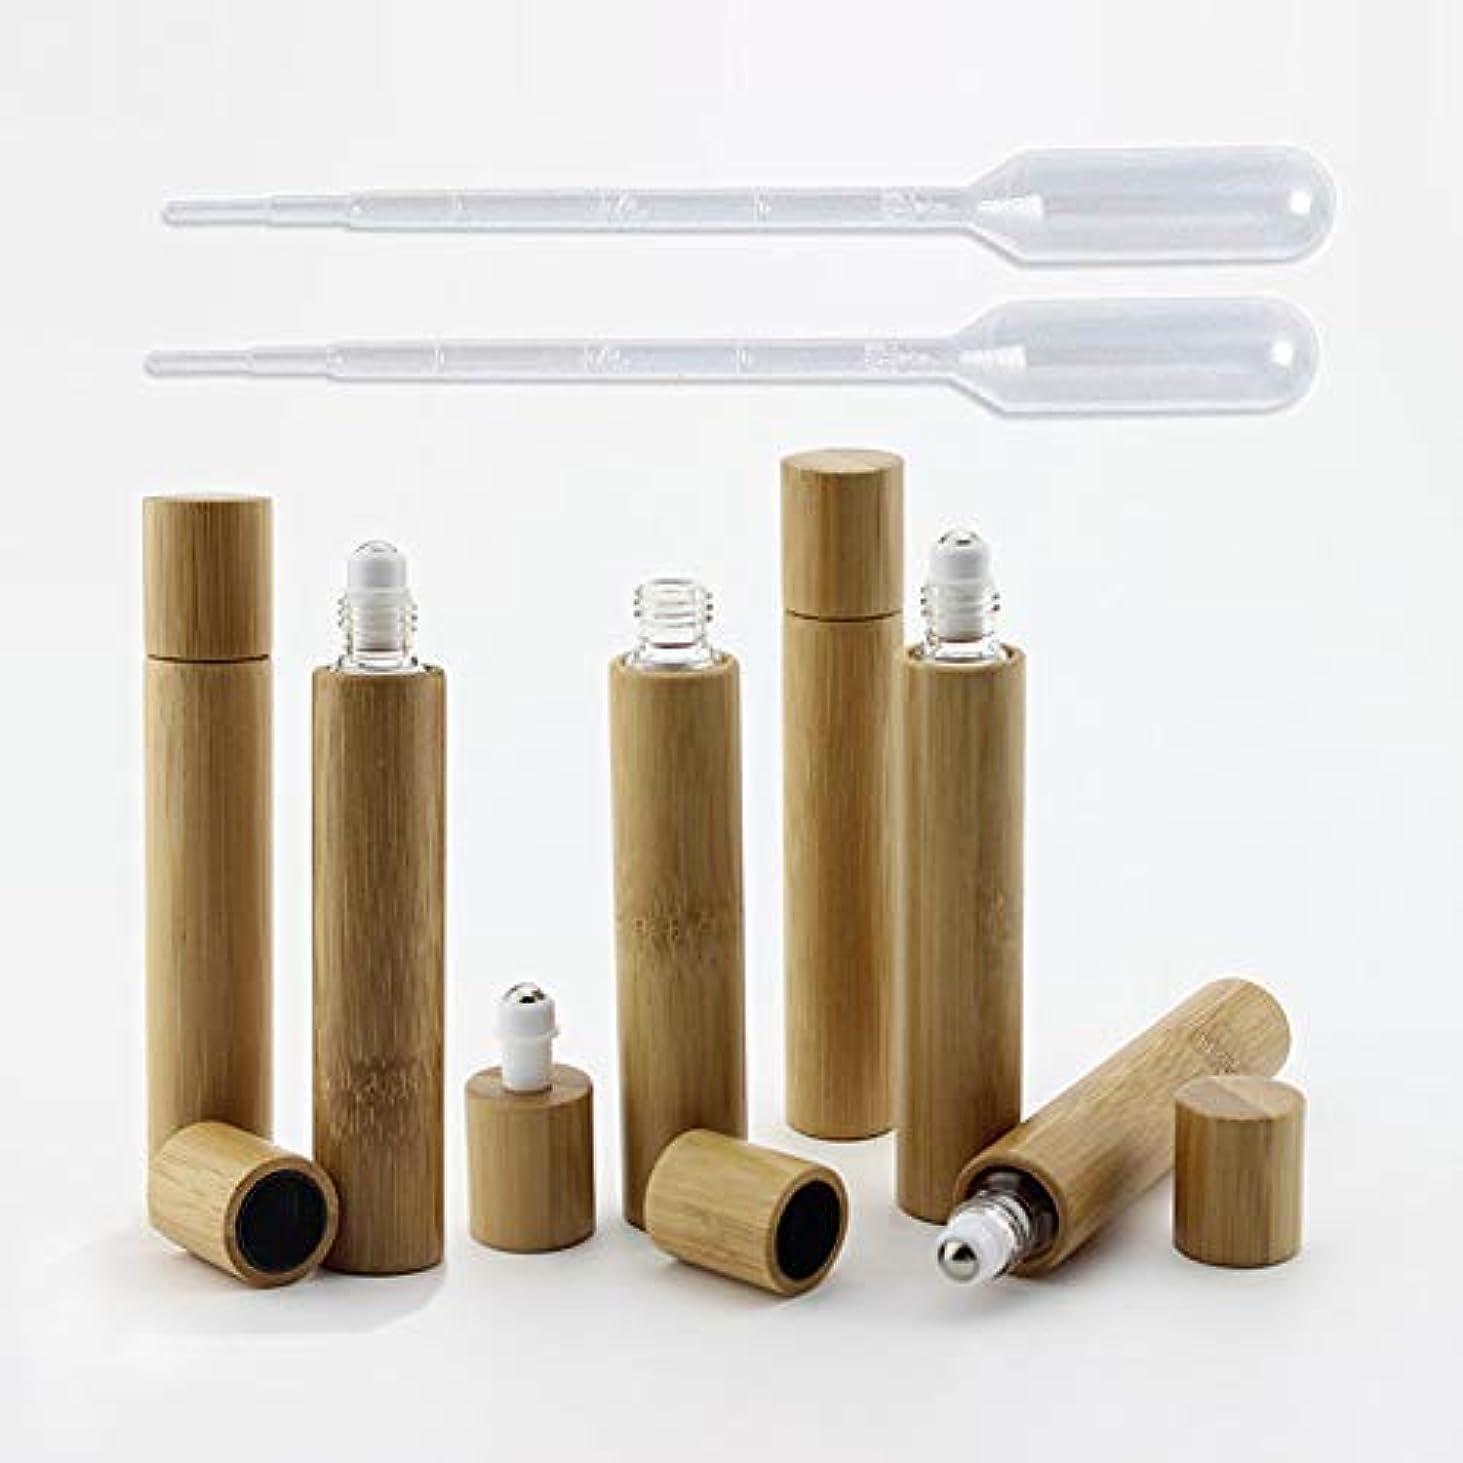 健康日目指す6 Pieces Roll On Bottles 10ml Bamboo Shell Clear Glass Roller Bottles Empty Refillable Essential Oil Roller Bottles...